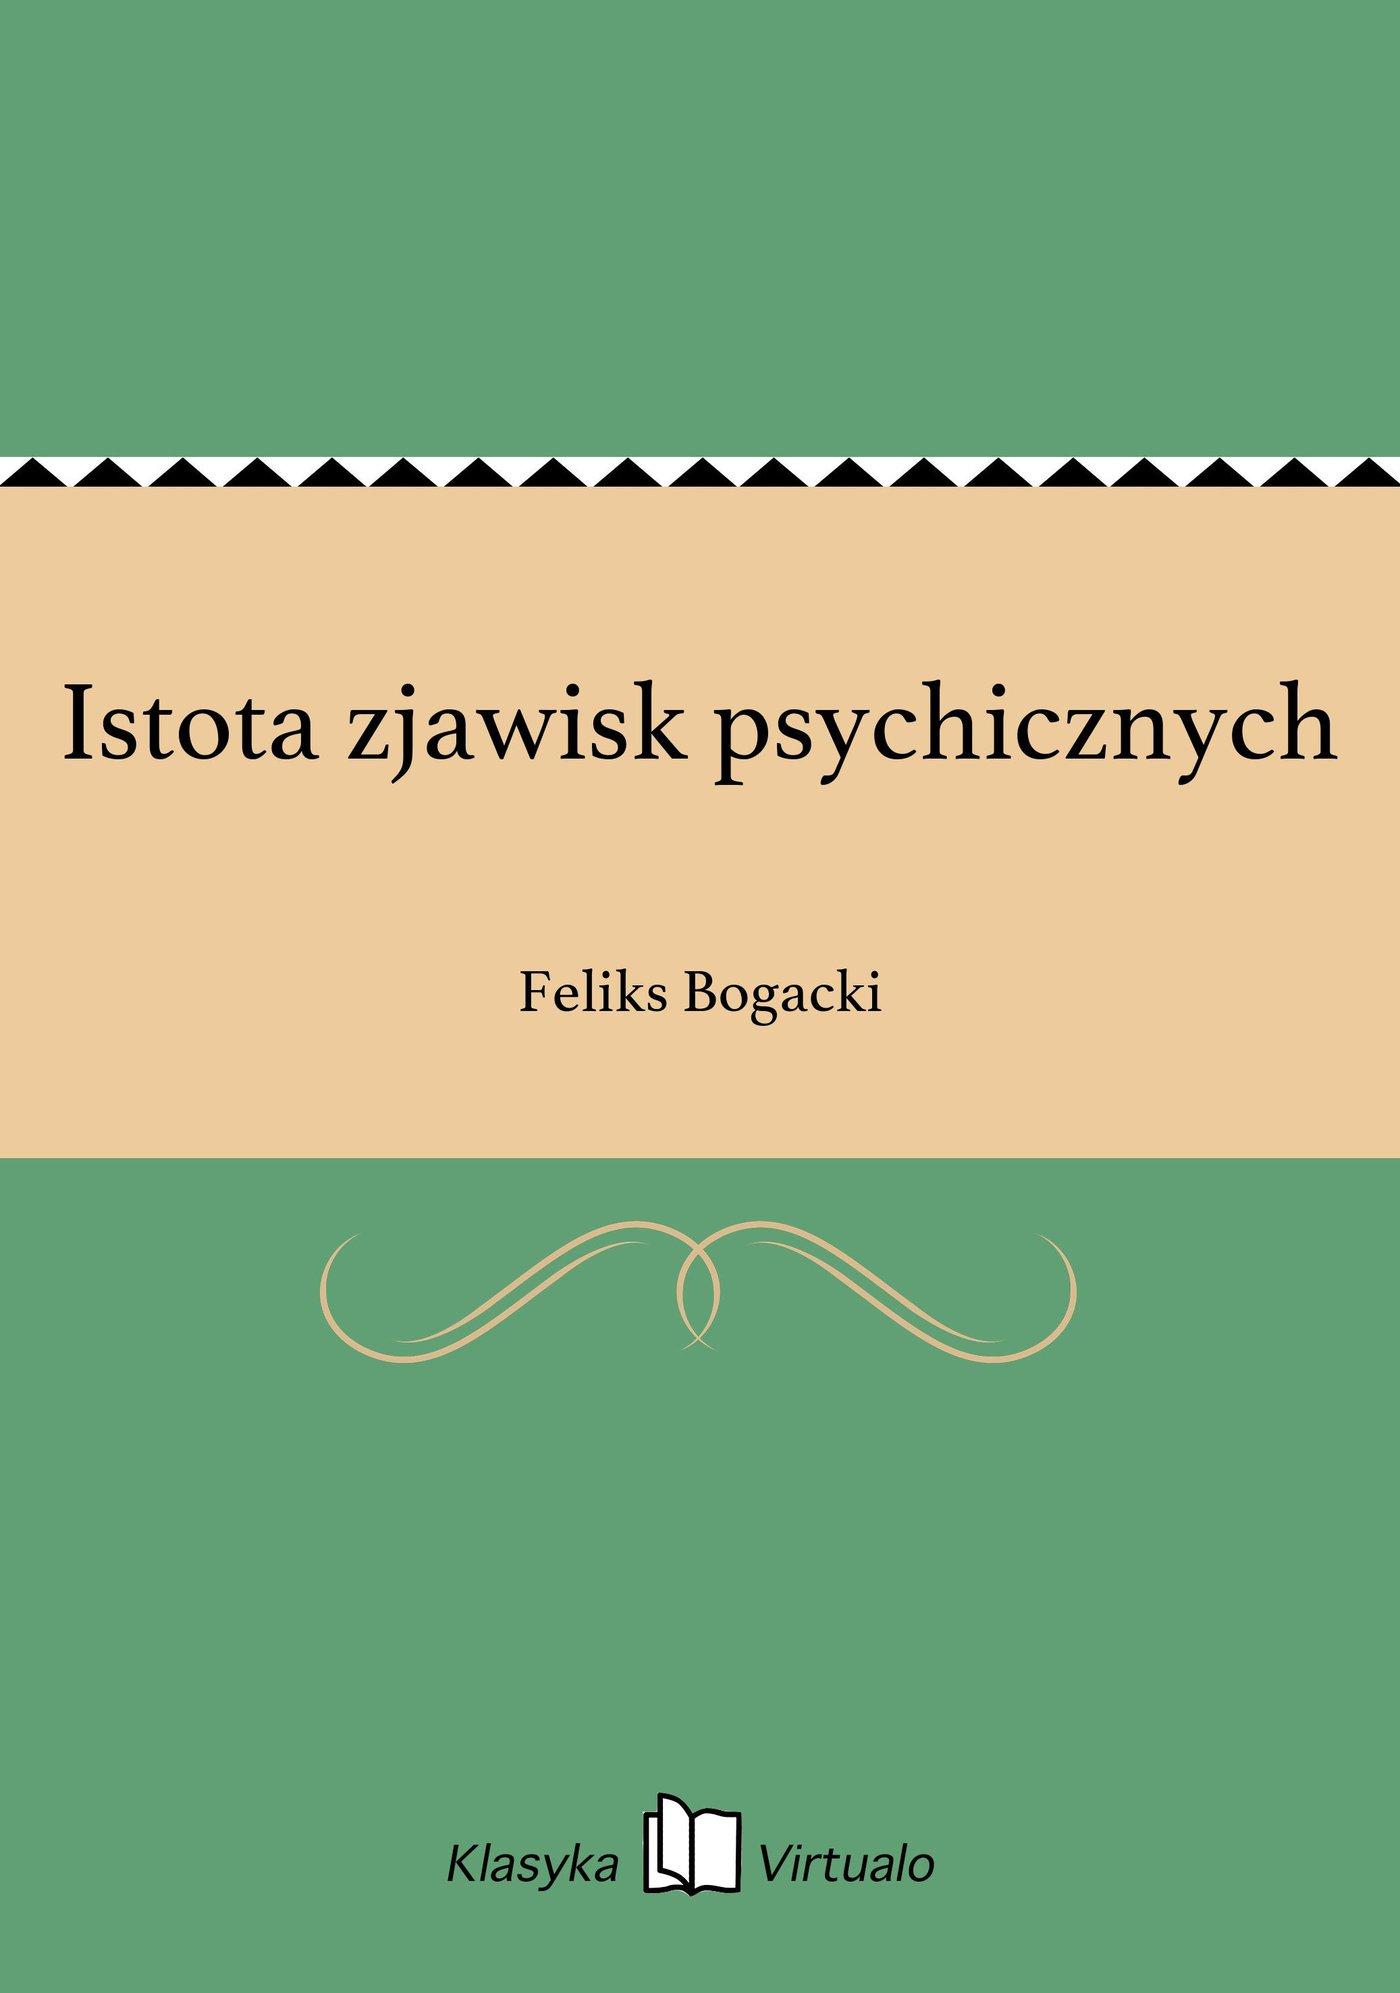 Istota zjawisk psychicznych - Ebook (Książka EPUB) do pobrania w formacie EPUB